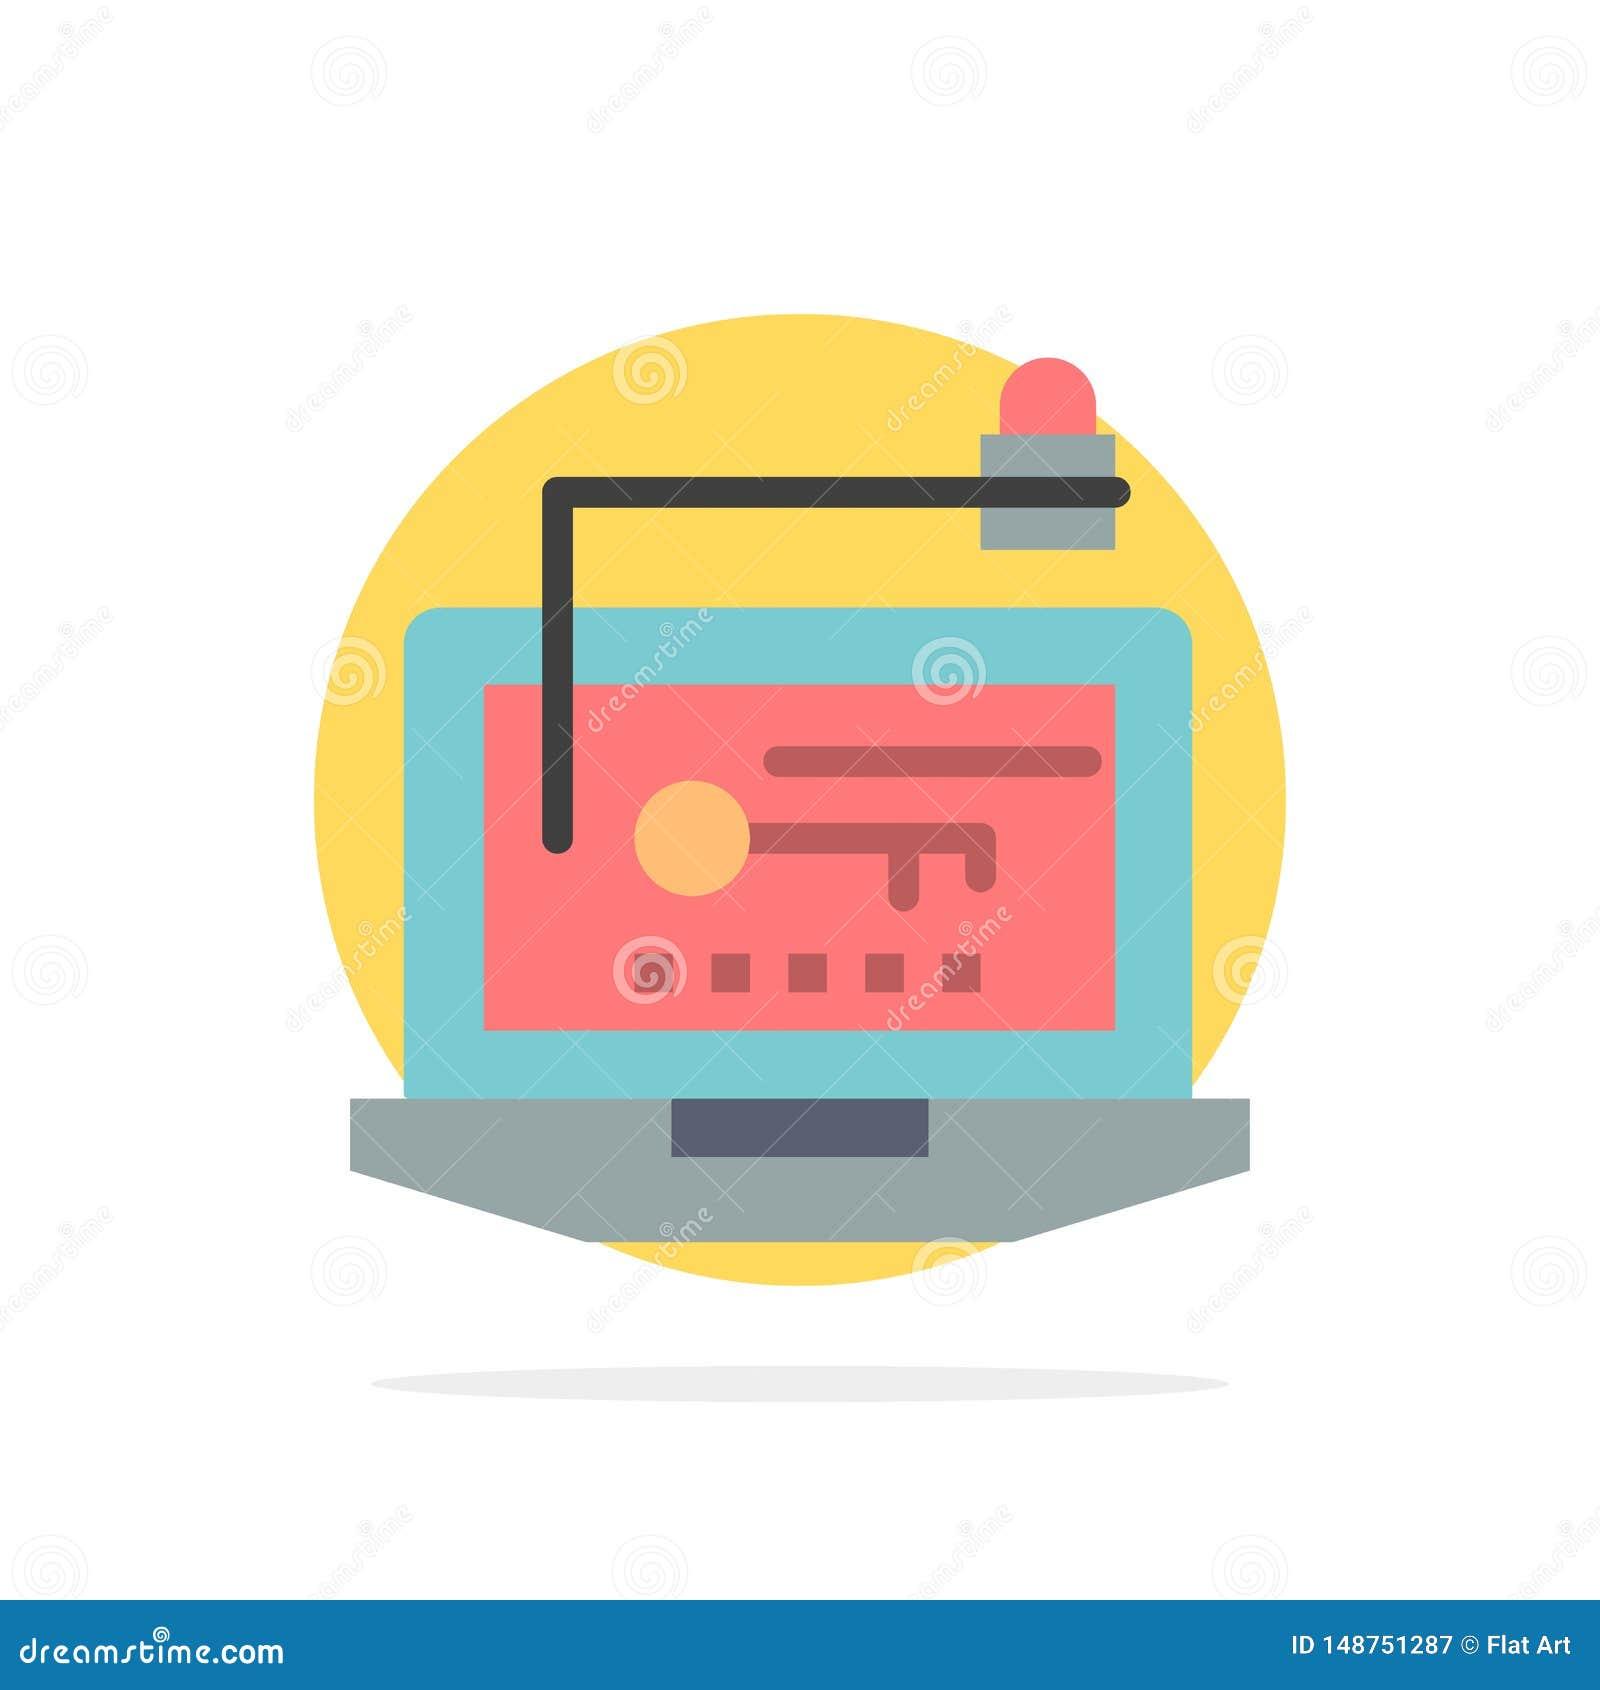 Acesso, computador, hardware, chave, ícone liso da cor do fundo do círculo do sumário do portátil